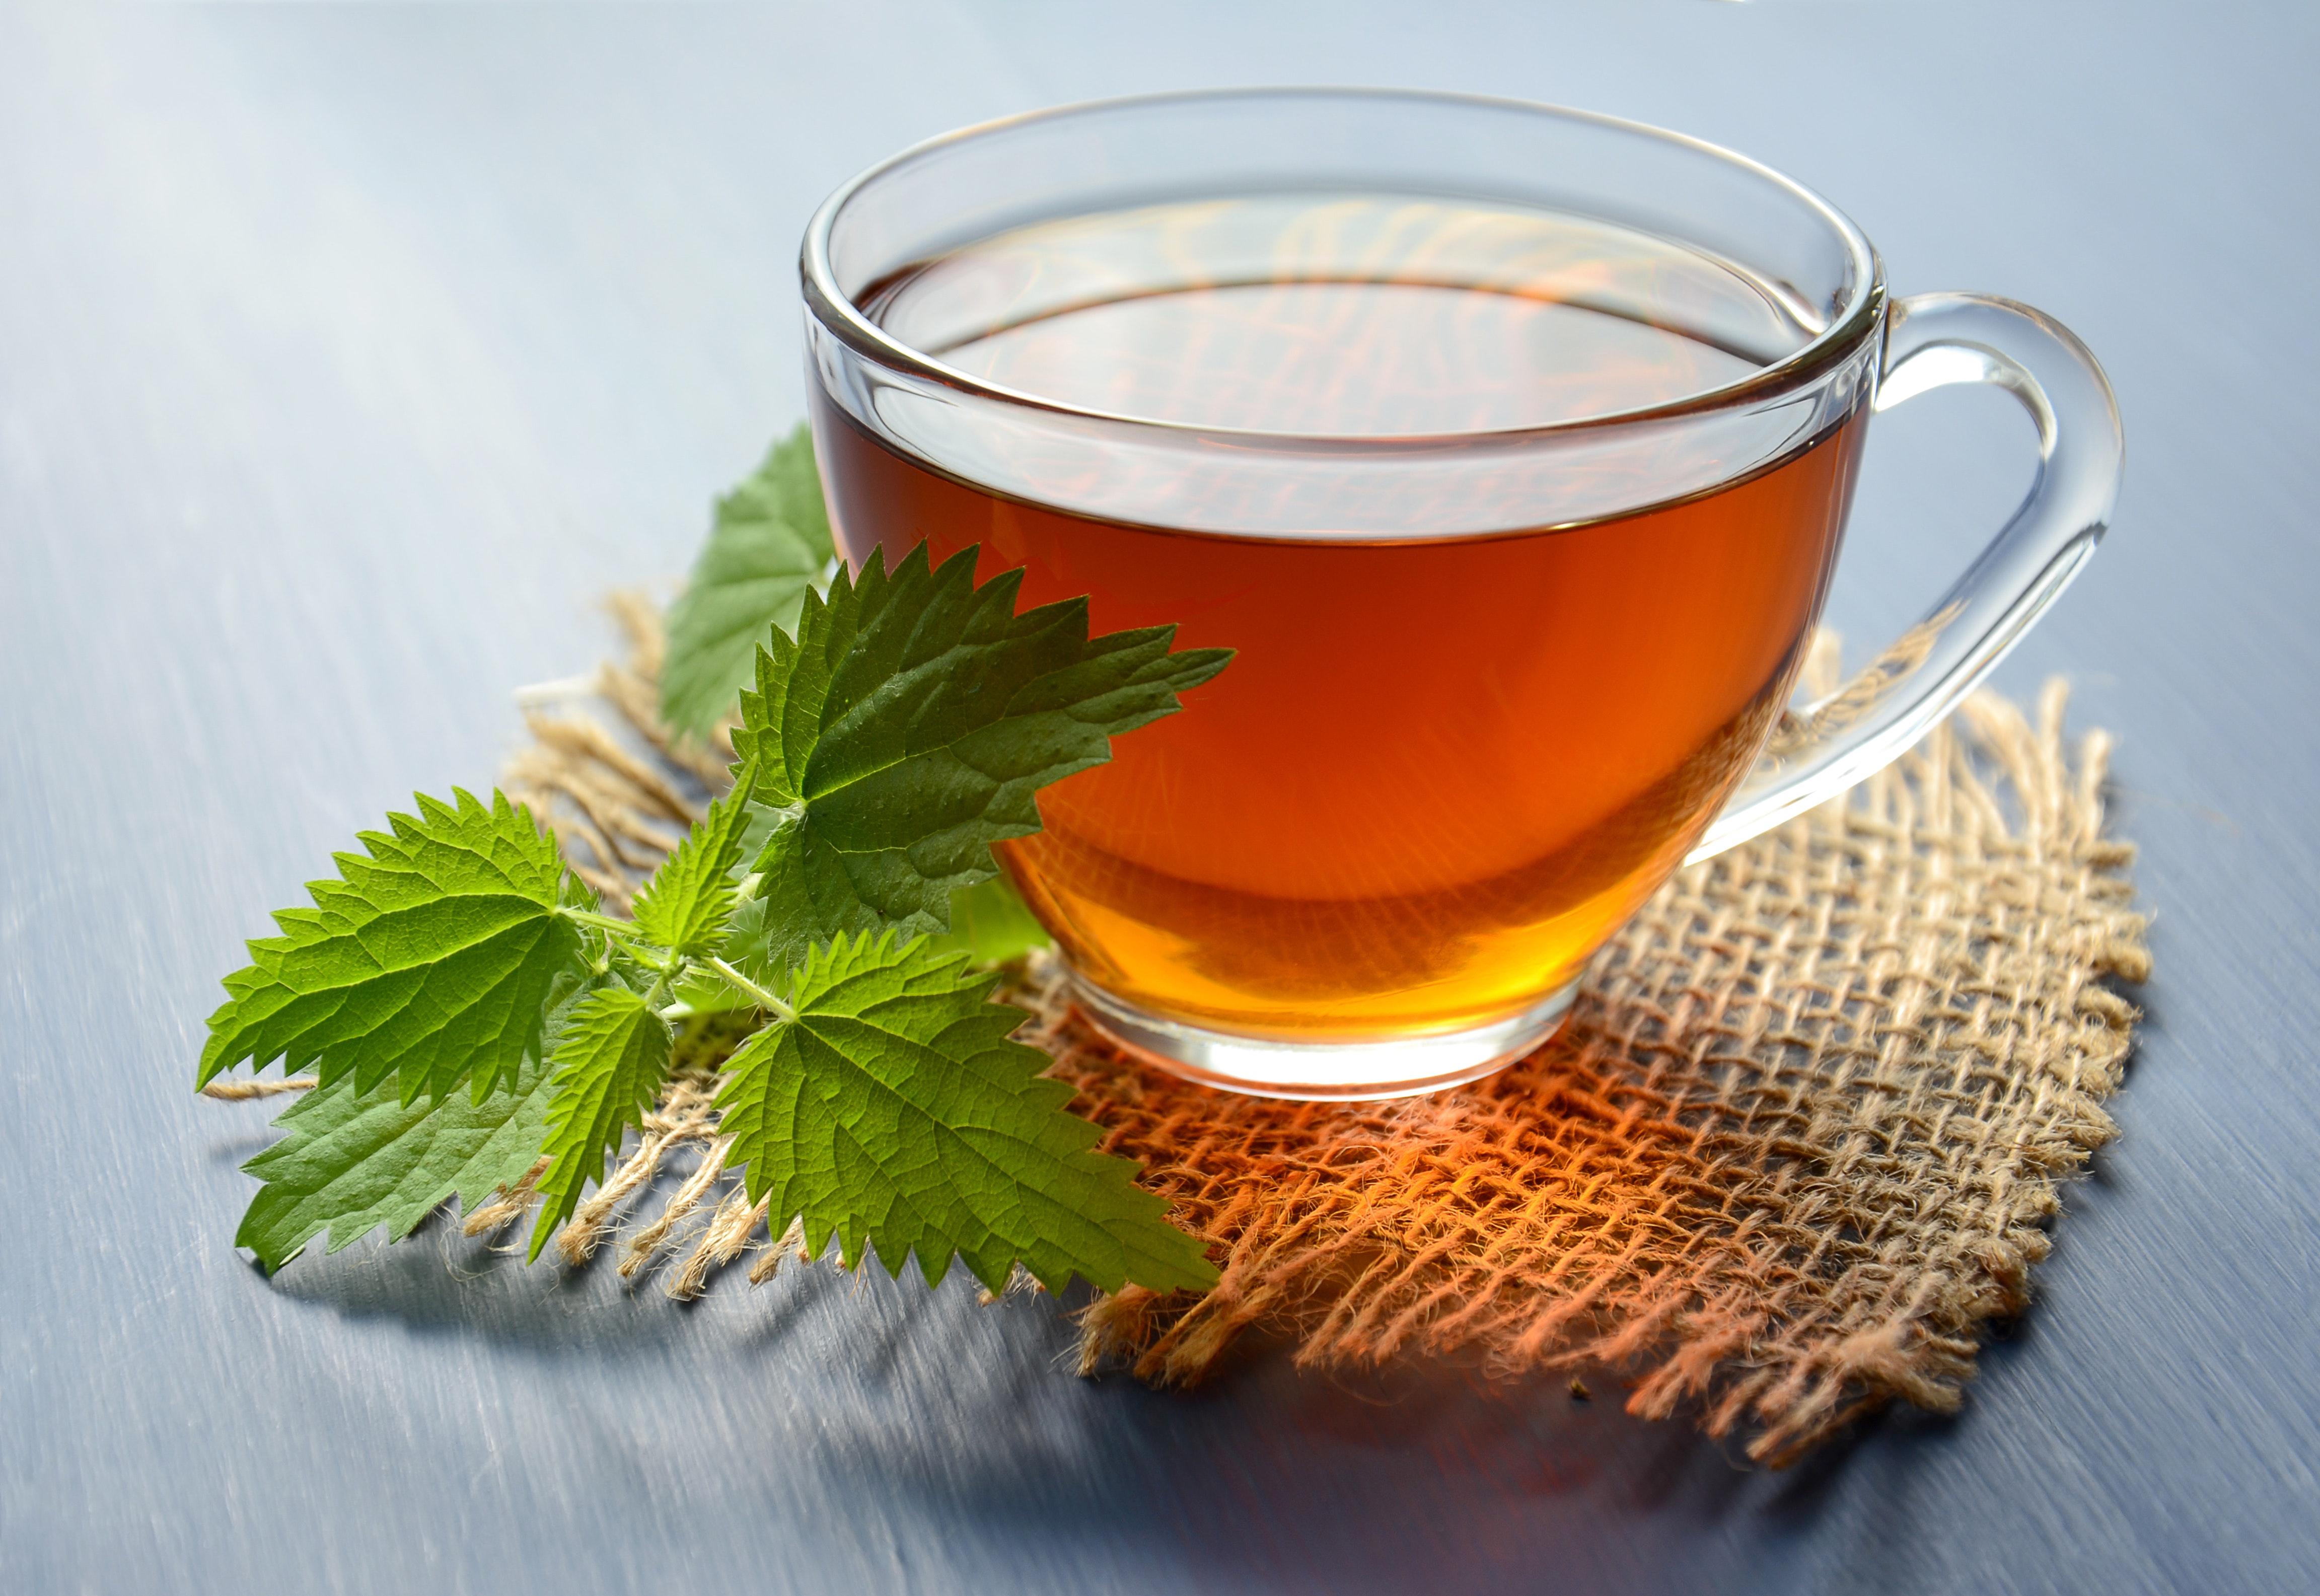 Top 10 Best Green Tea Brands Online In India